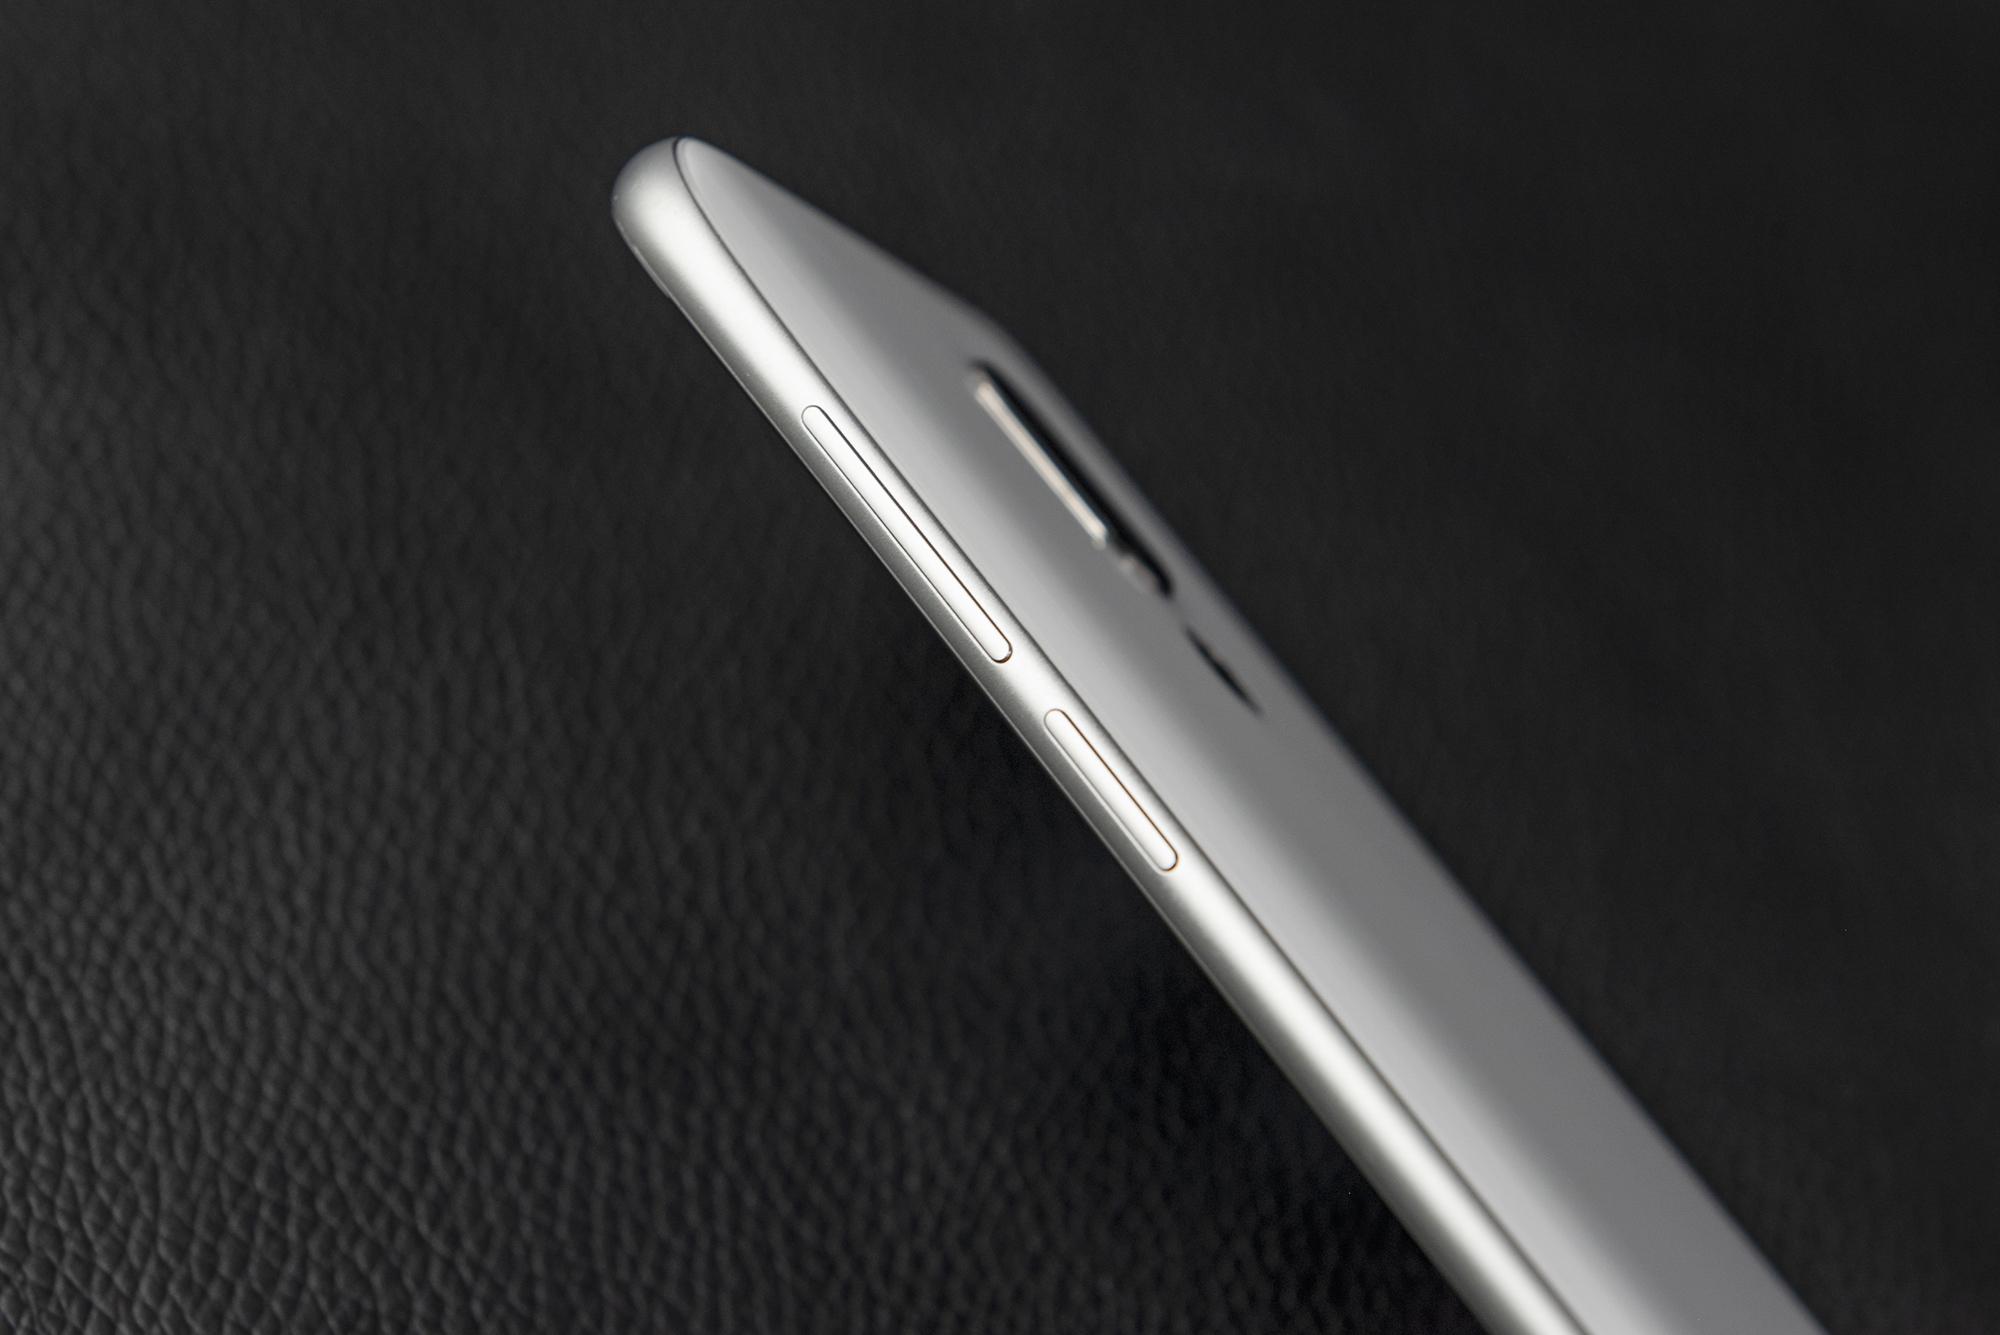 魅族16开箱图赏:3D四曲面玻璃机身 屏占比高达91.18%的照片 - 4